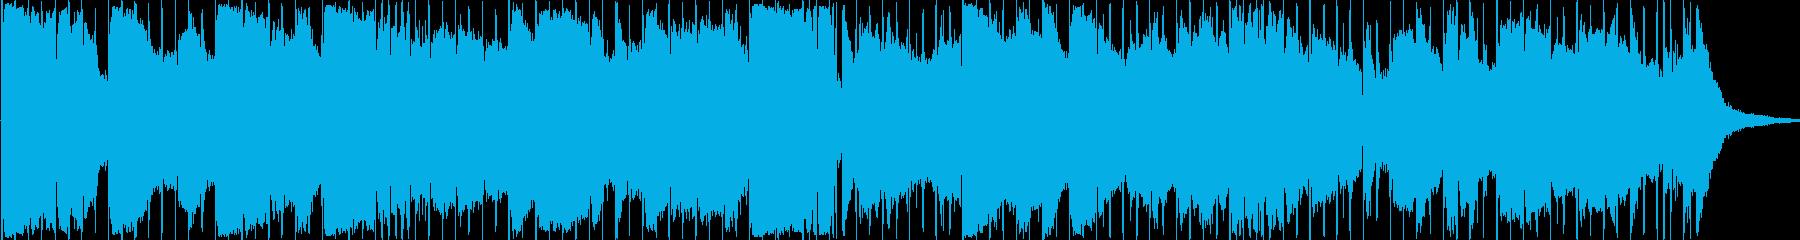 レトロRPGのオープニングをイメージし…の再生済みの波形